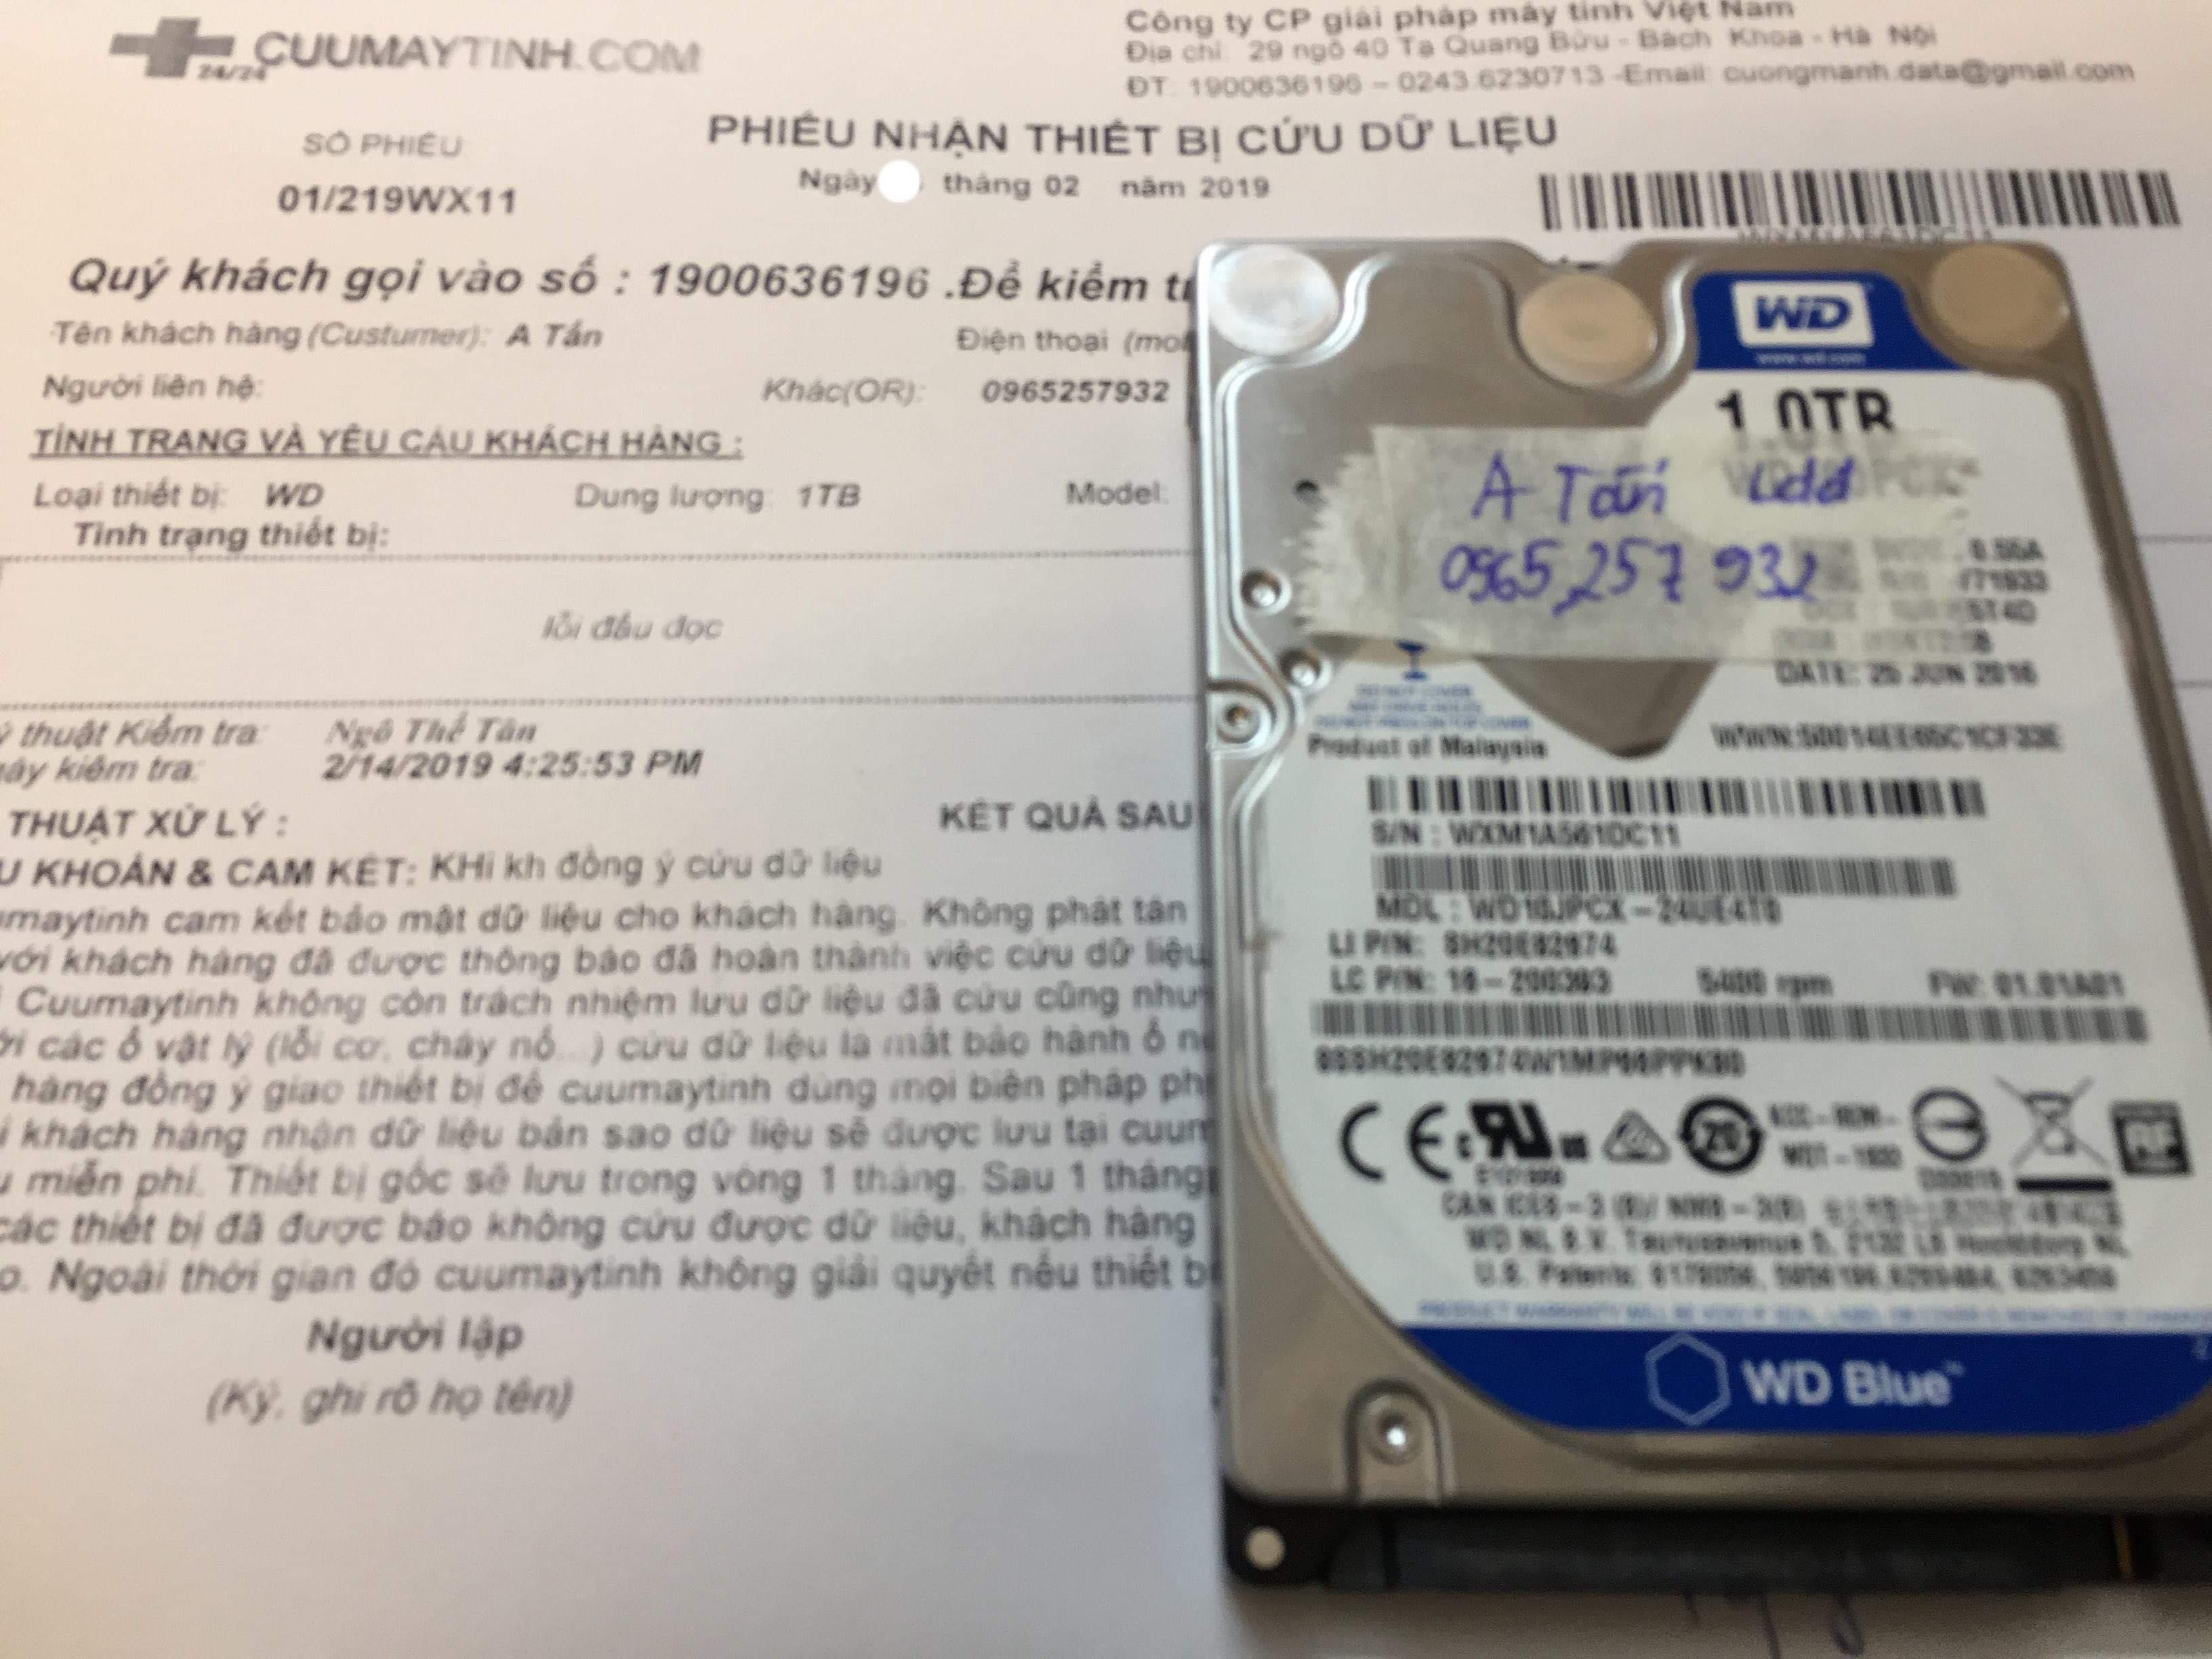 Khôi phục dữ liệu ổ cứng Western 1TB lỗi đầu đọc 22/02/2019 - cuumaytinh